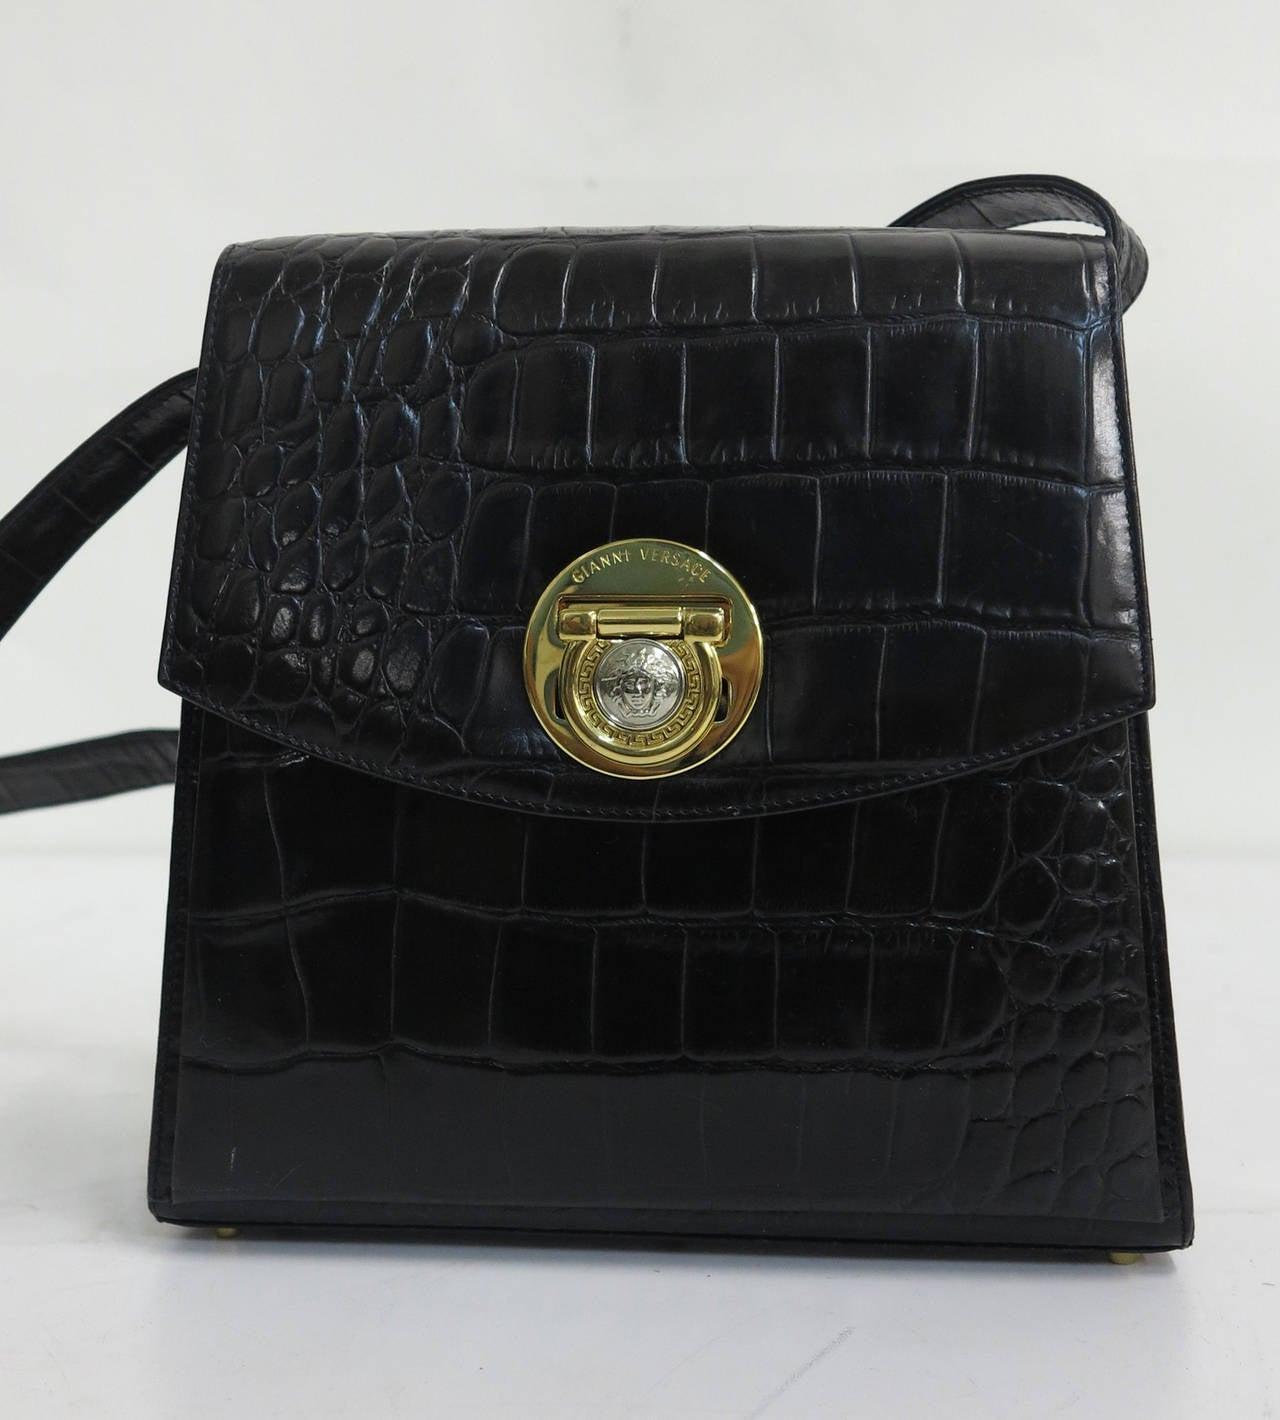 New Gianni Versace black alligator embossed leather shoulder bag...Flap bag  with Medusa 9ef1ffed3bbfc